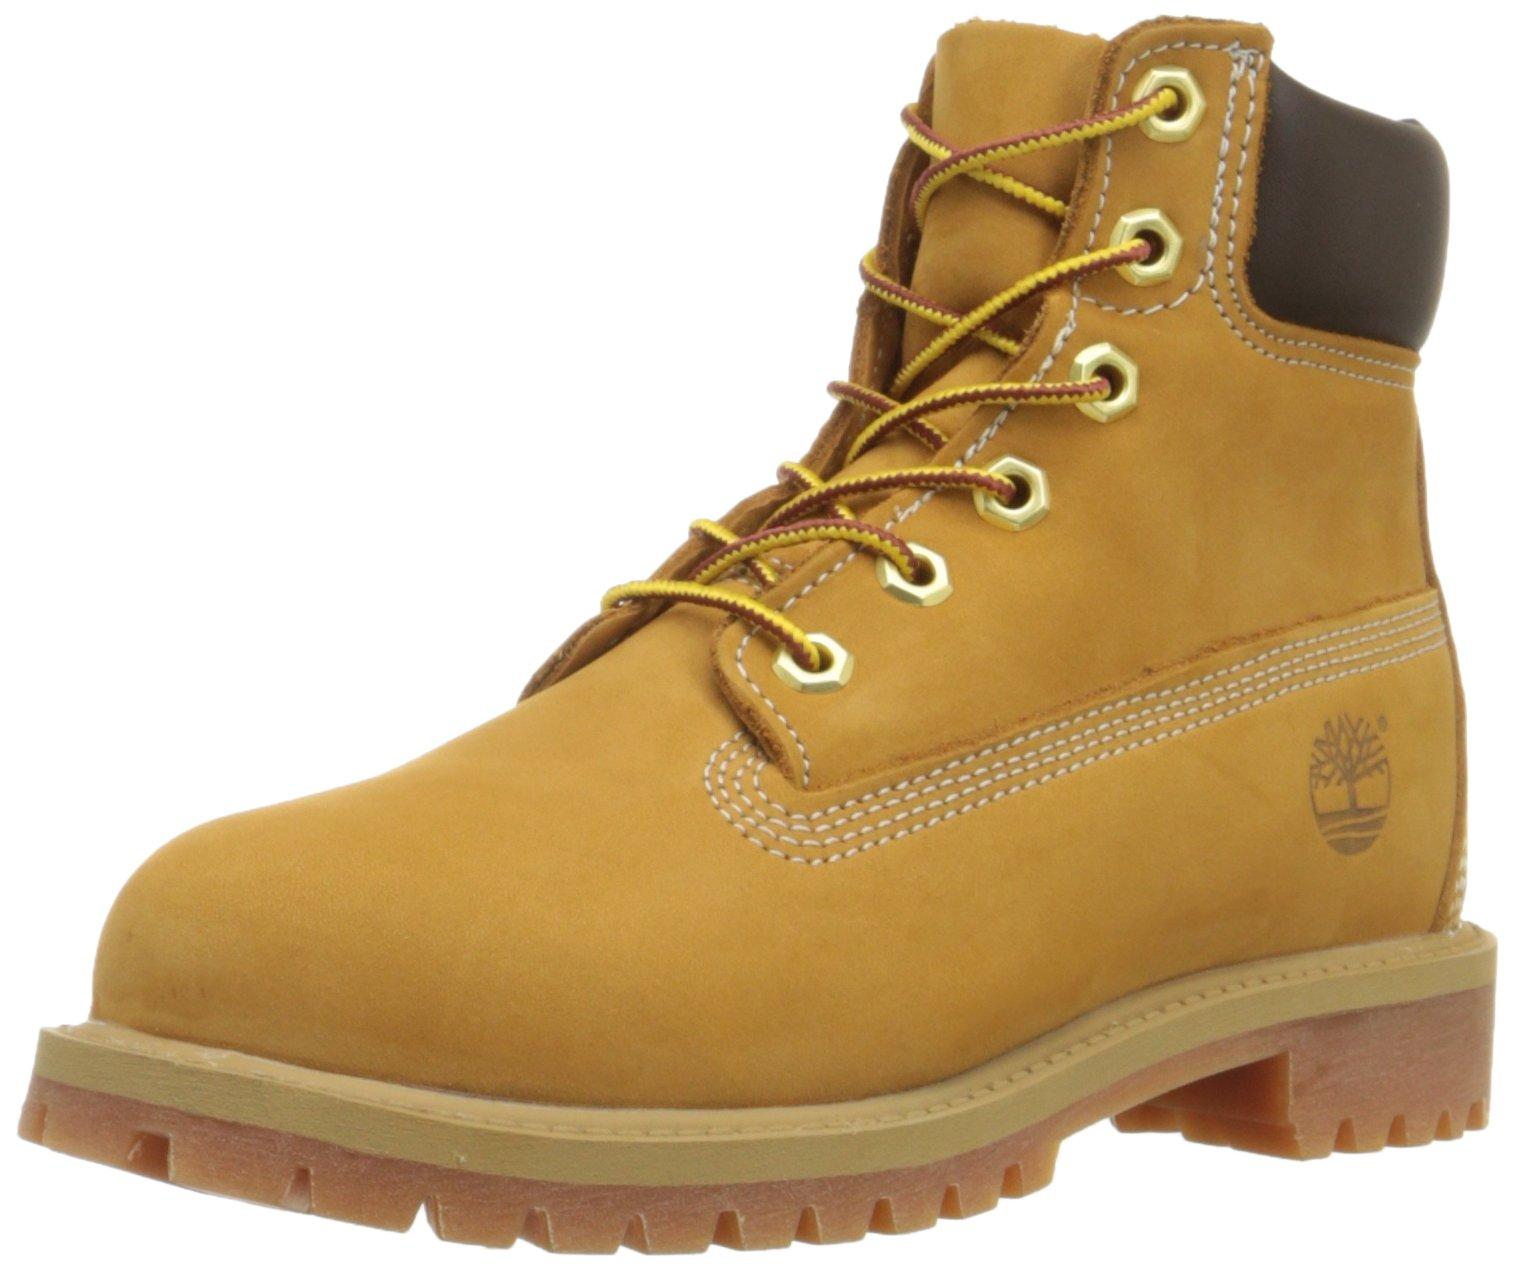 Timberland 6'' C12907 Premium Waterproof Boot,Wheat Nubuck,3.5 M US Big Kid by Timberland